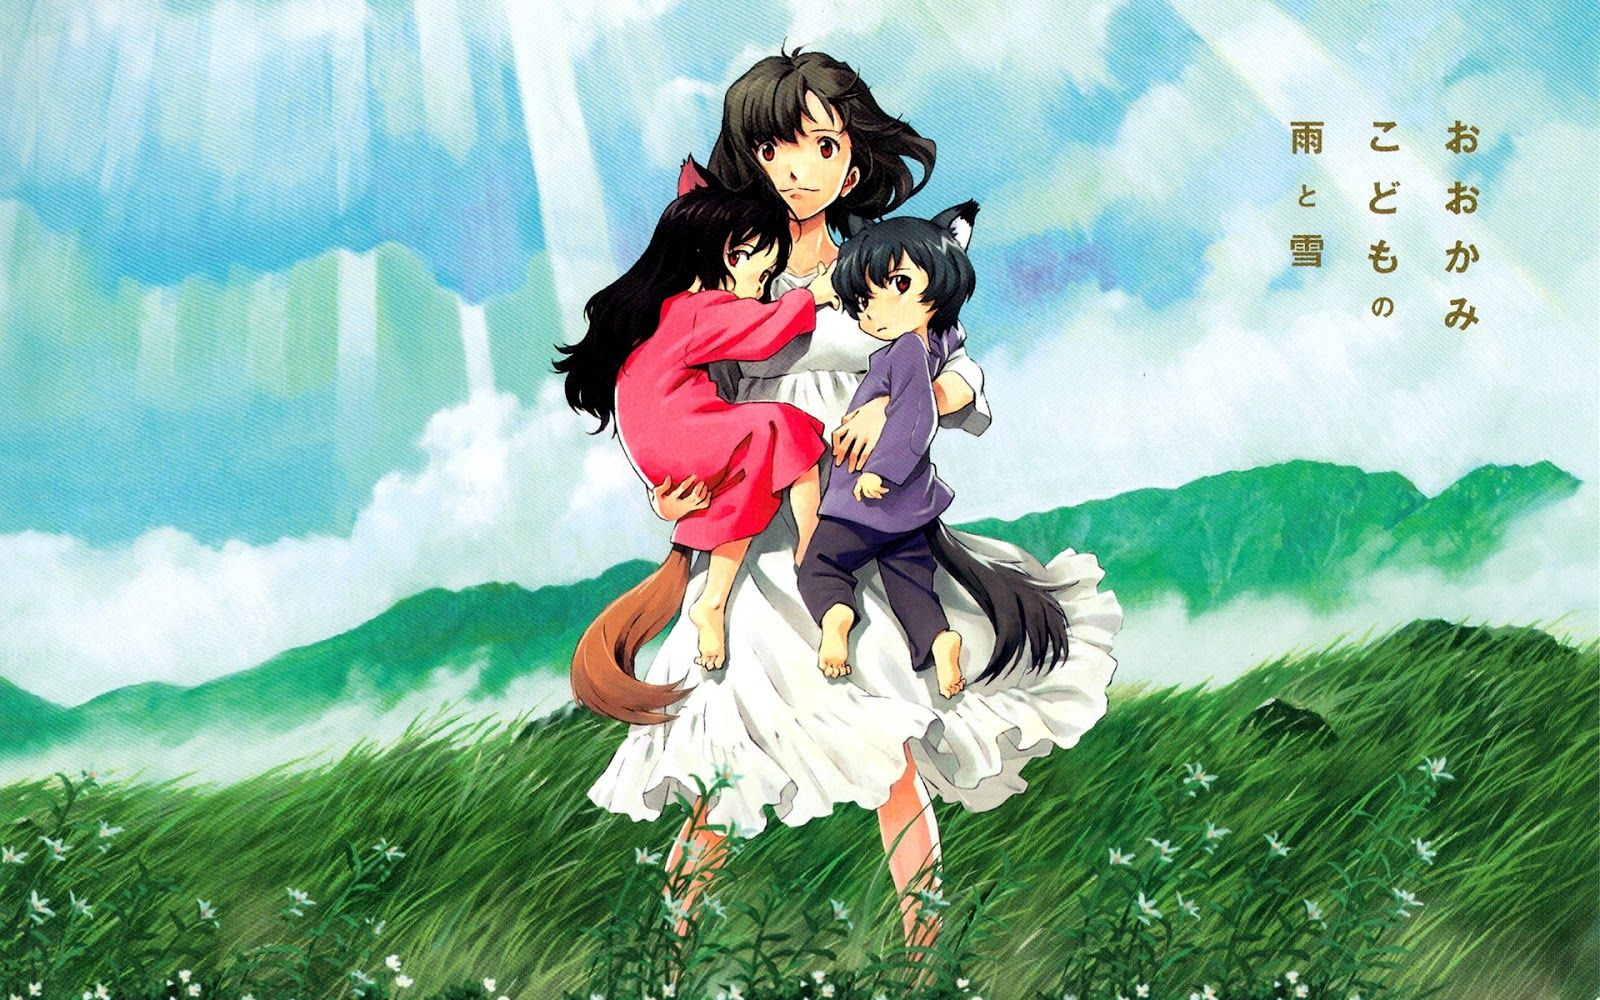 狼之子雨和雪 無料漫画 映画 おすすめ アニメ アニメ映画